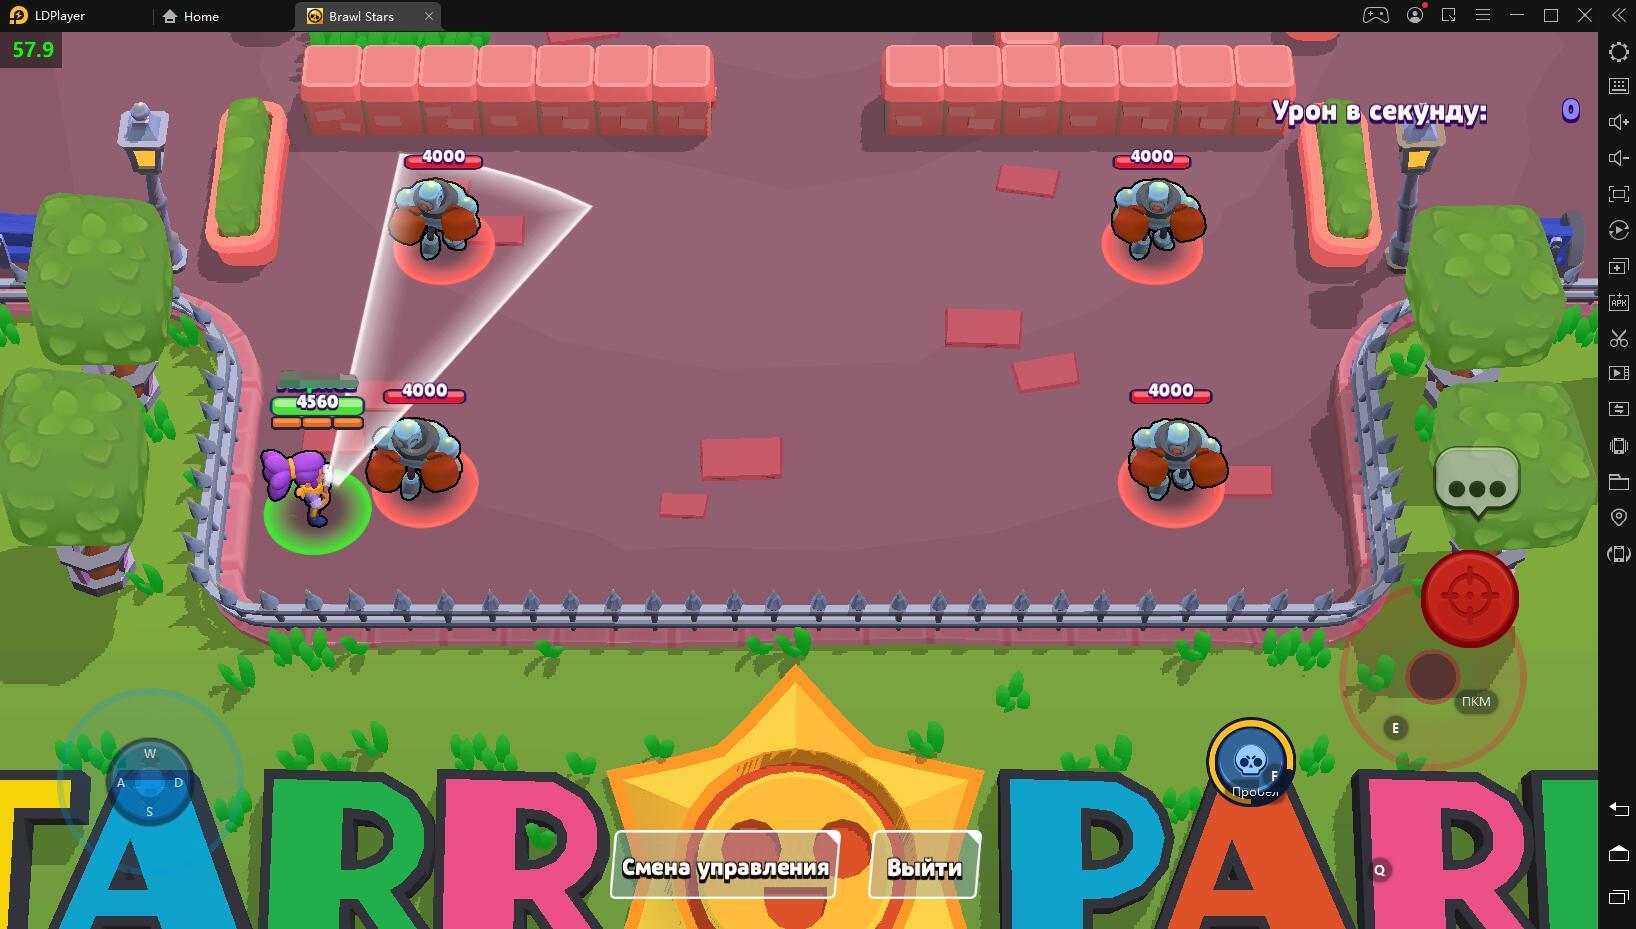 Оптимизирована игра «Brawl Stars»: высокая графика, активировать умения с 100% точностью